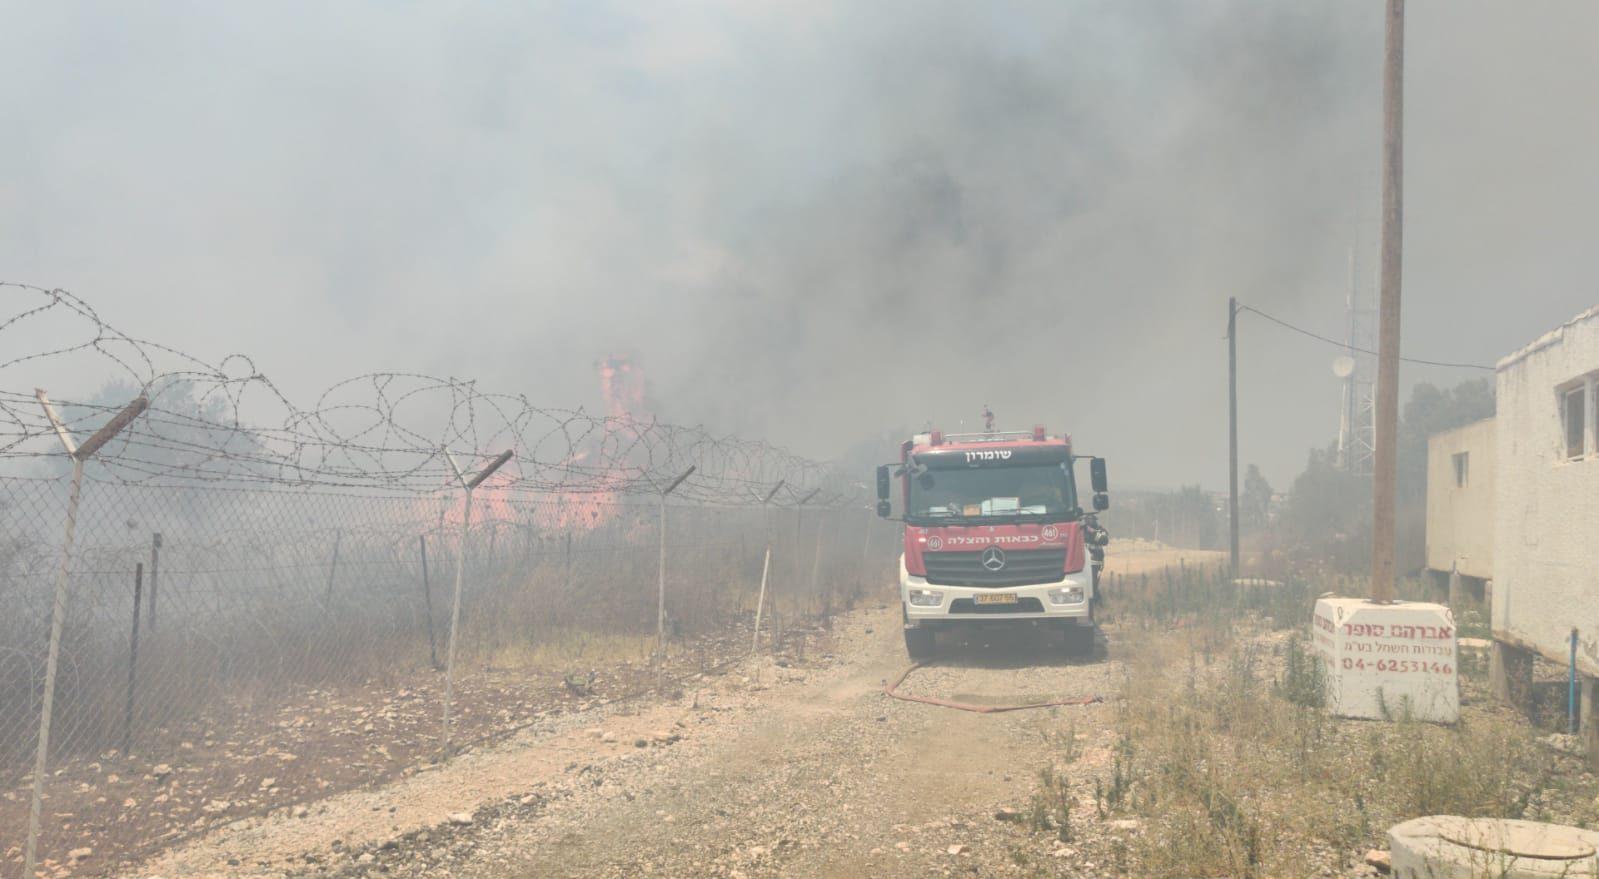 שוב חשד להצתה: שריפה משתוללת ביישוב חרמש